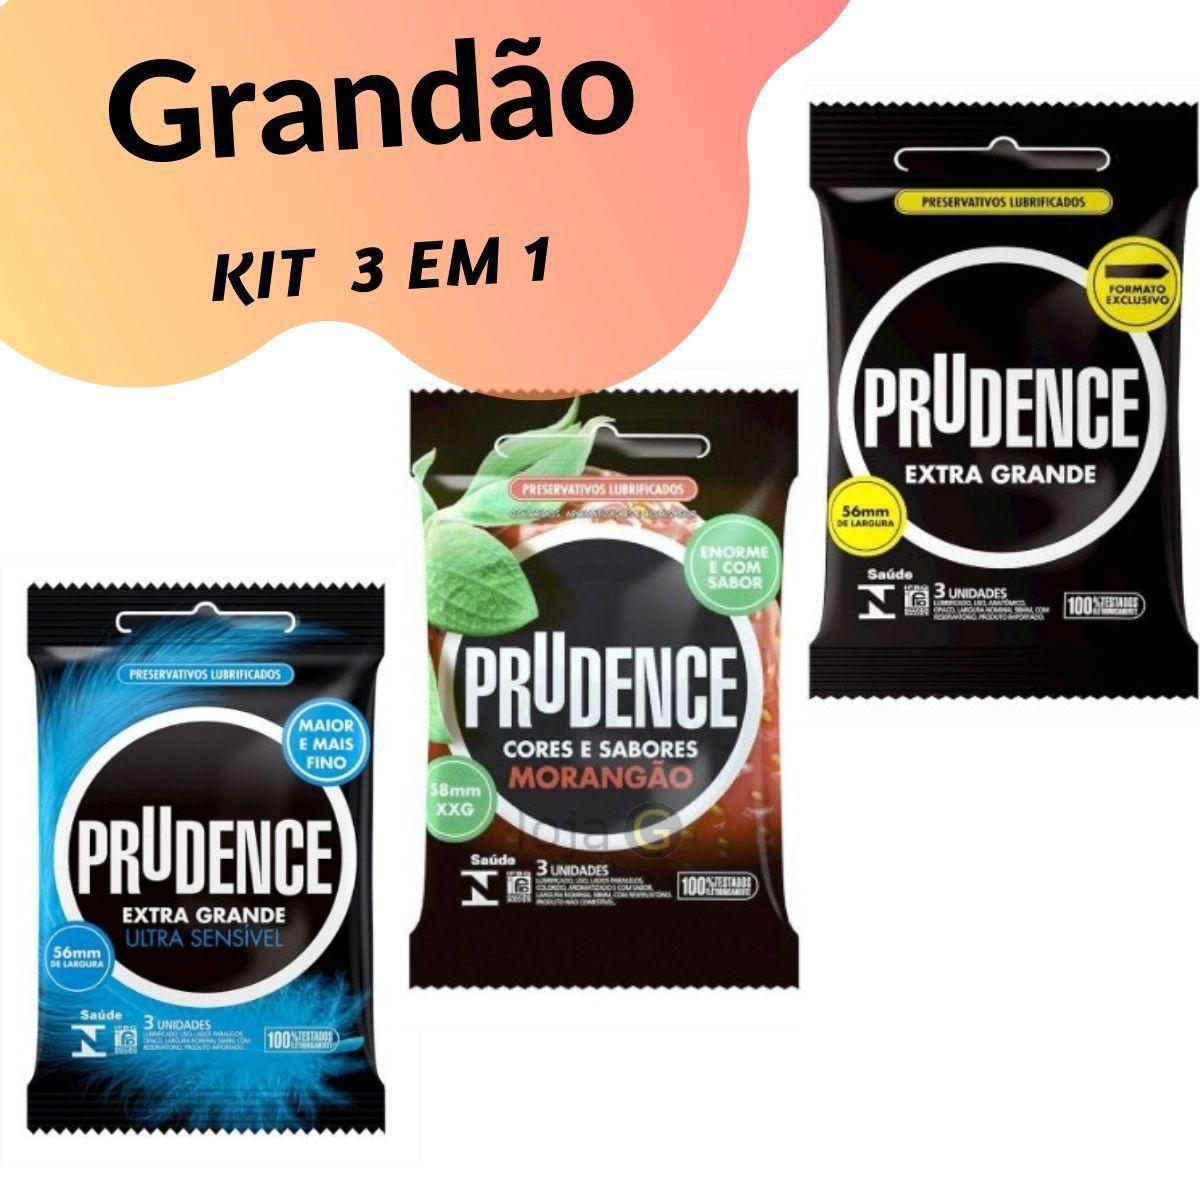 Preservativos Extra Grande XXG Camisinha Prudence kit com 3 pacotes